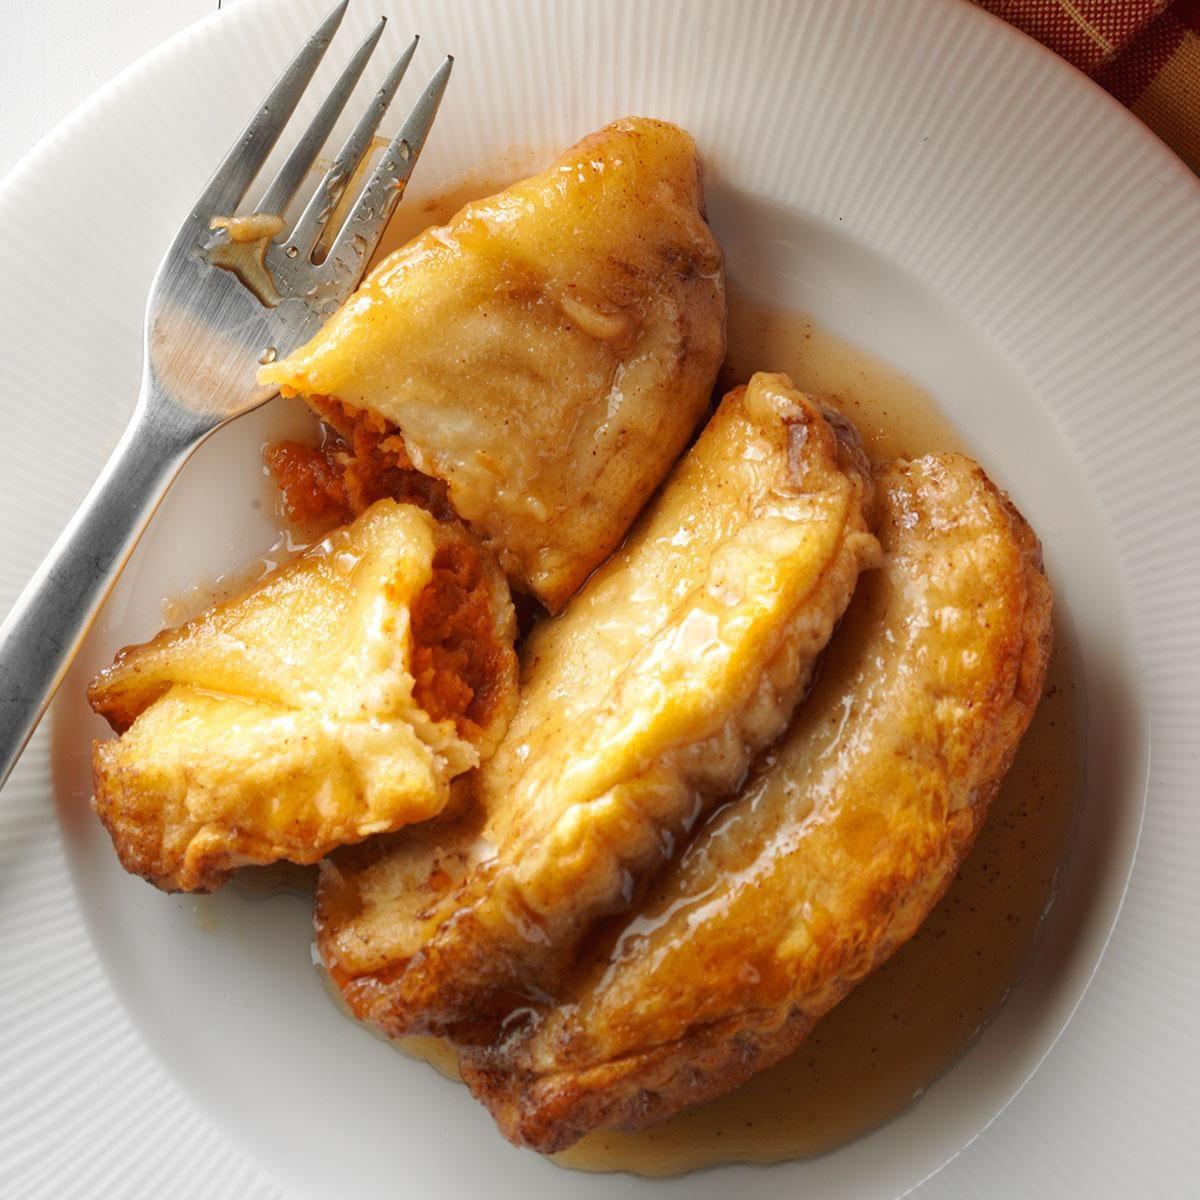 Sweet Potato Dumplings with Caramel Sauce